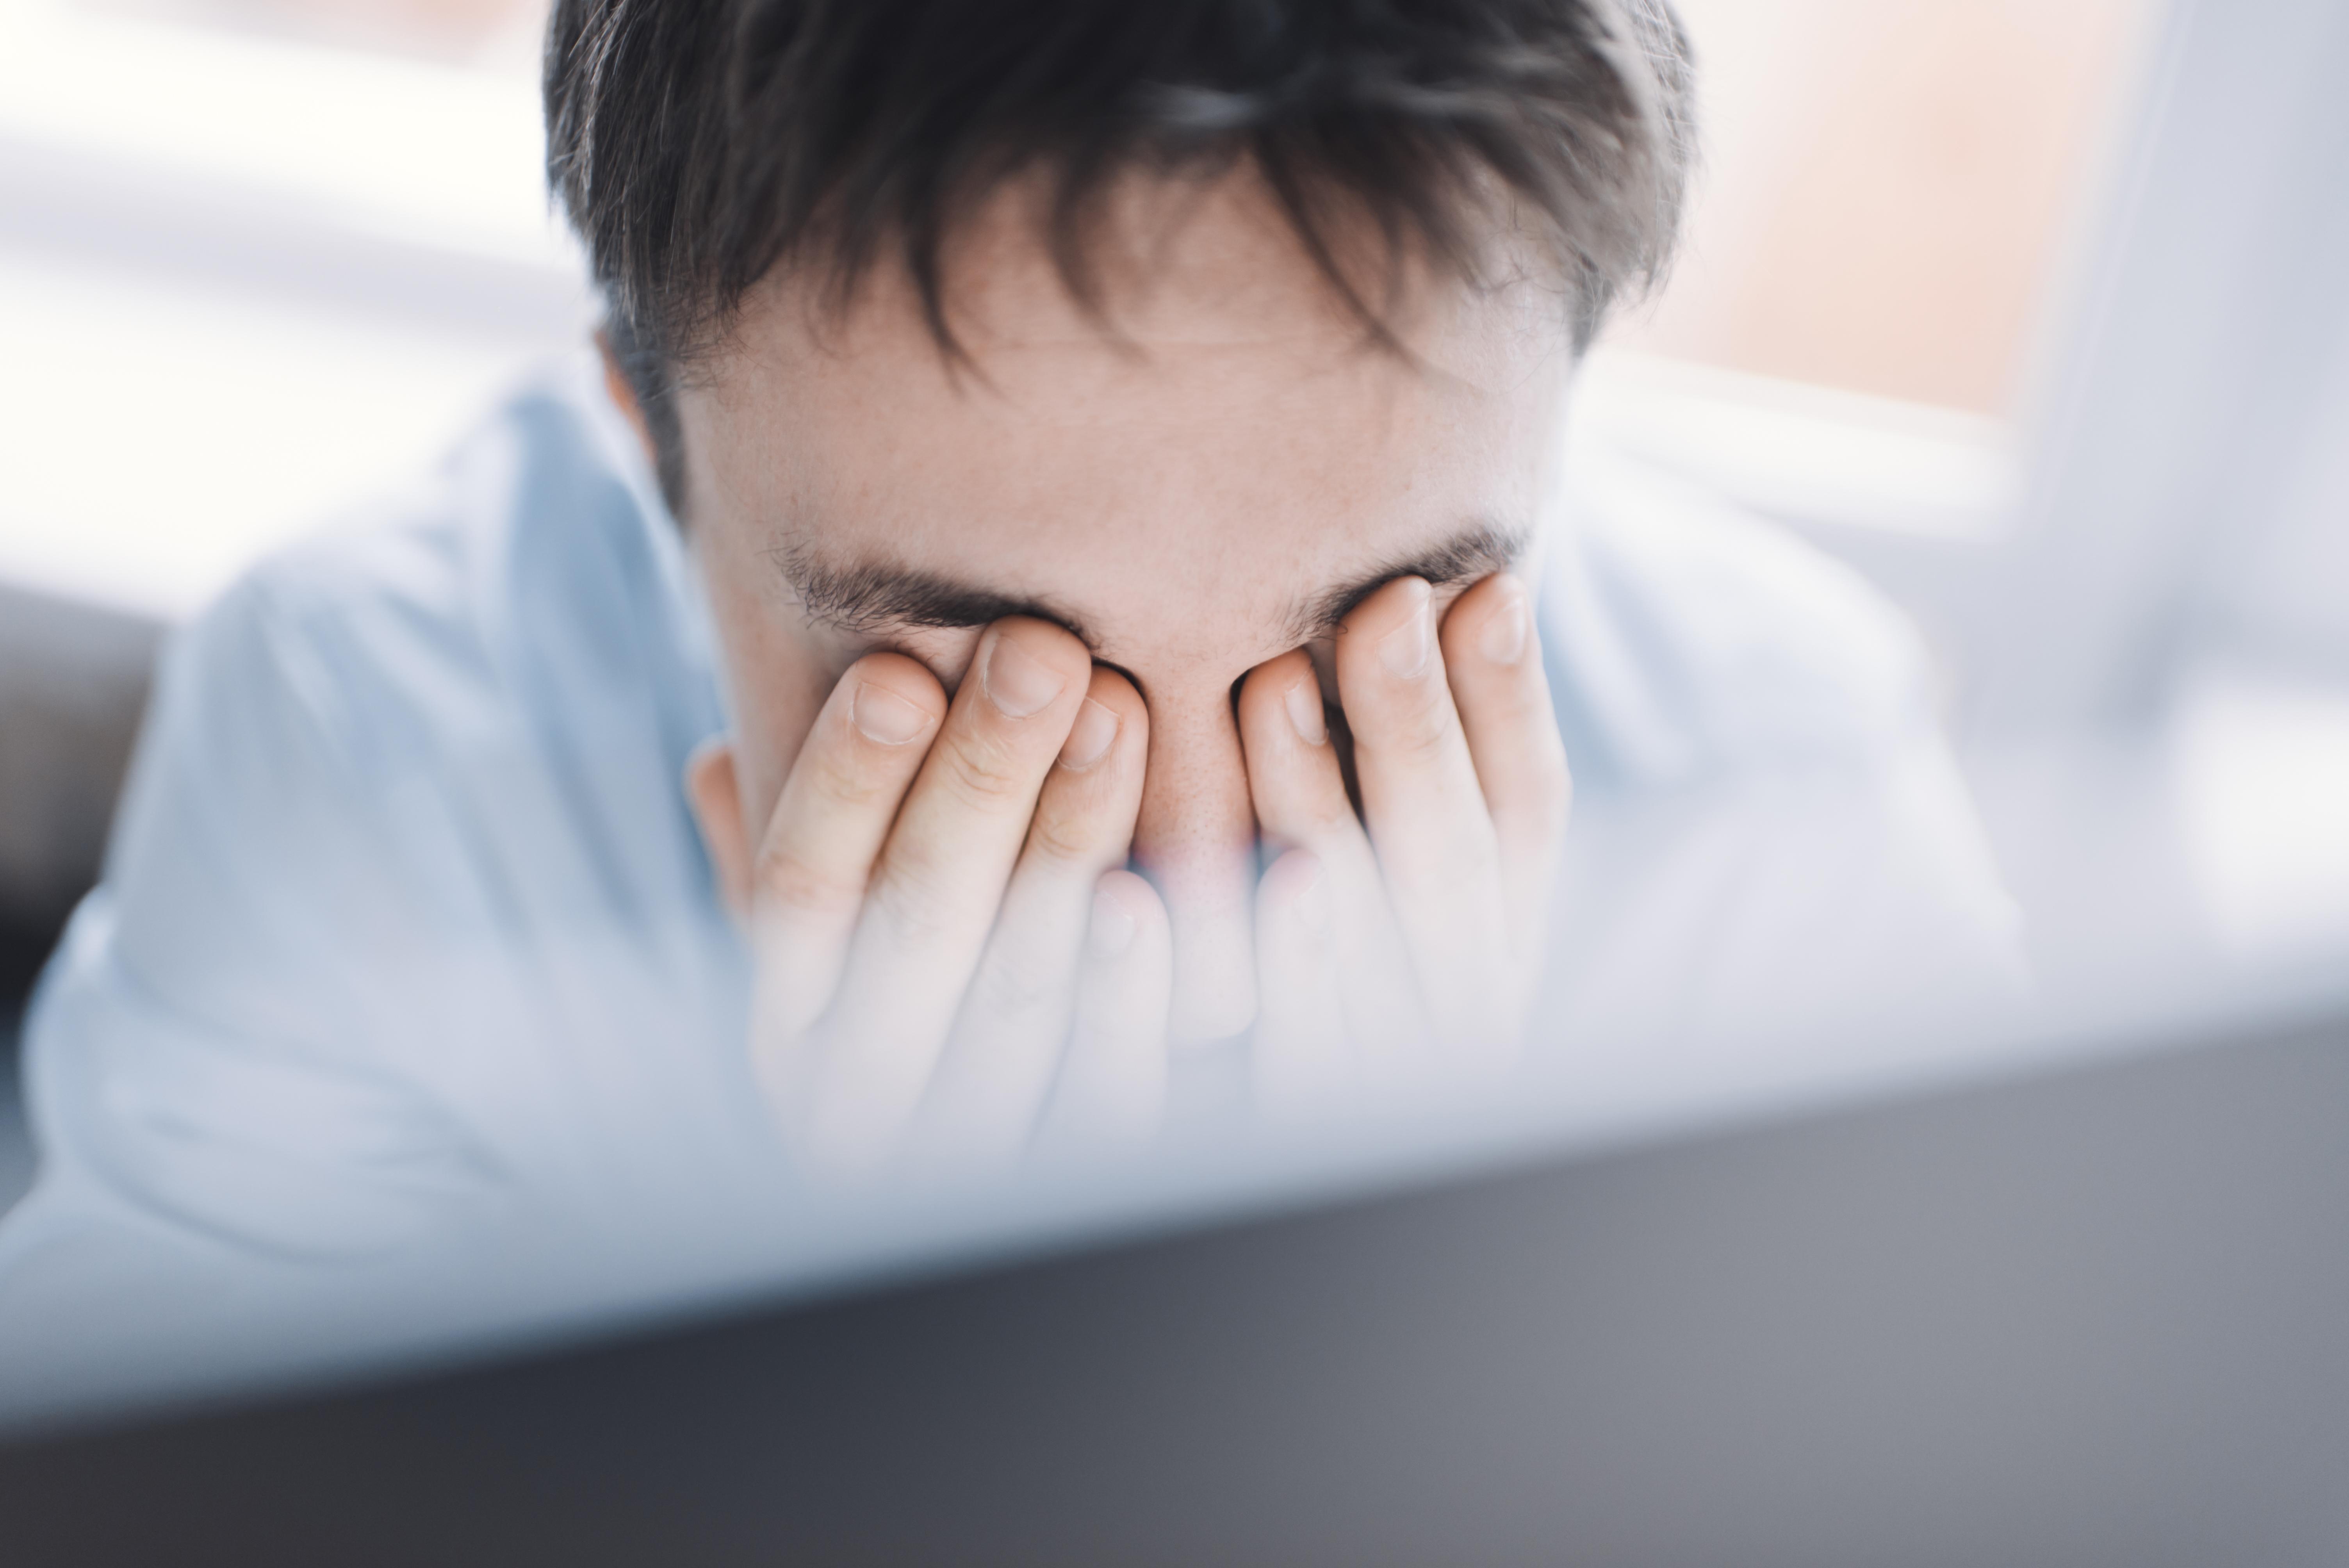 hombre cansado se tapa los ojos si se aplicara una buena prevención de riesgos laborales no le ocurriria